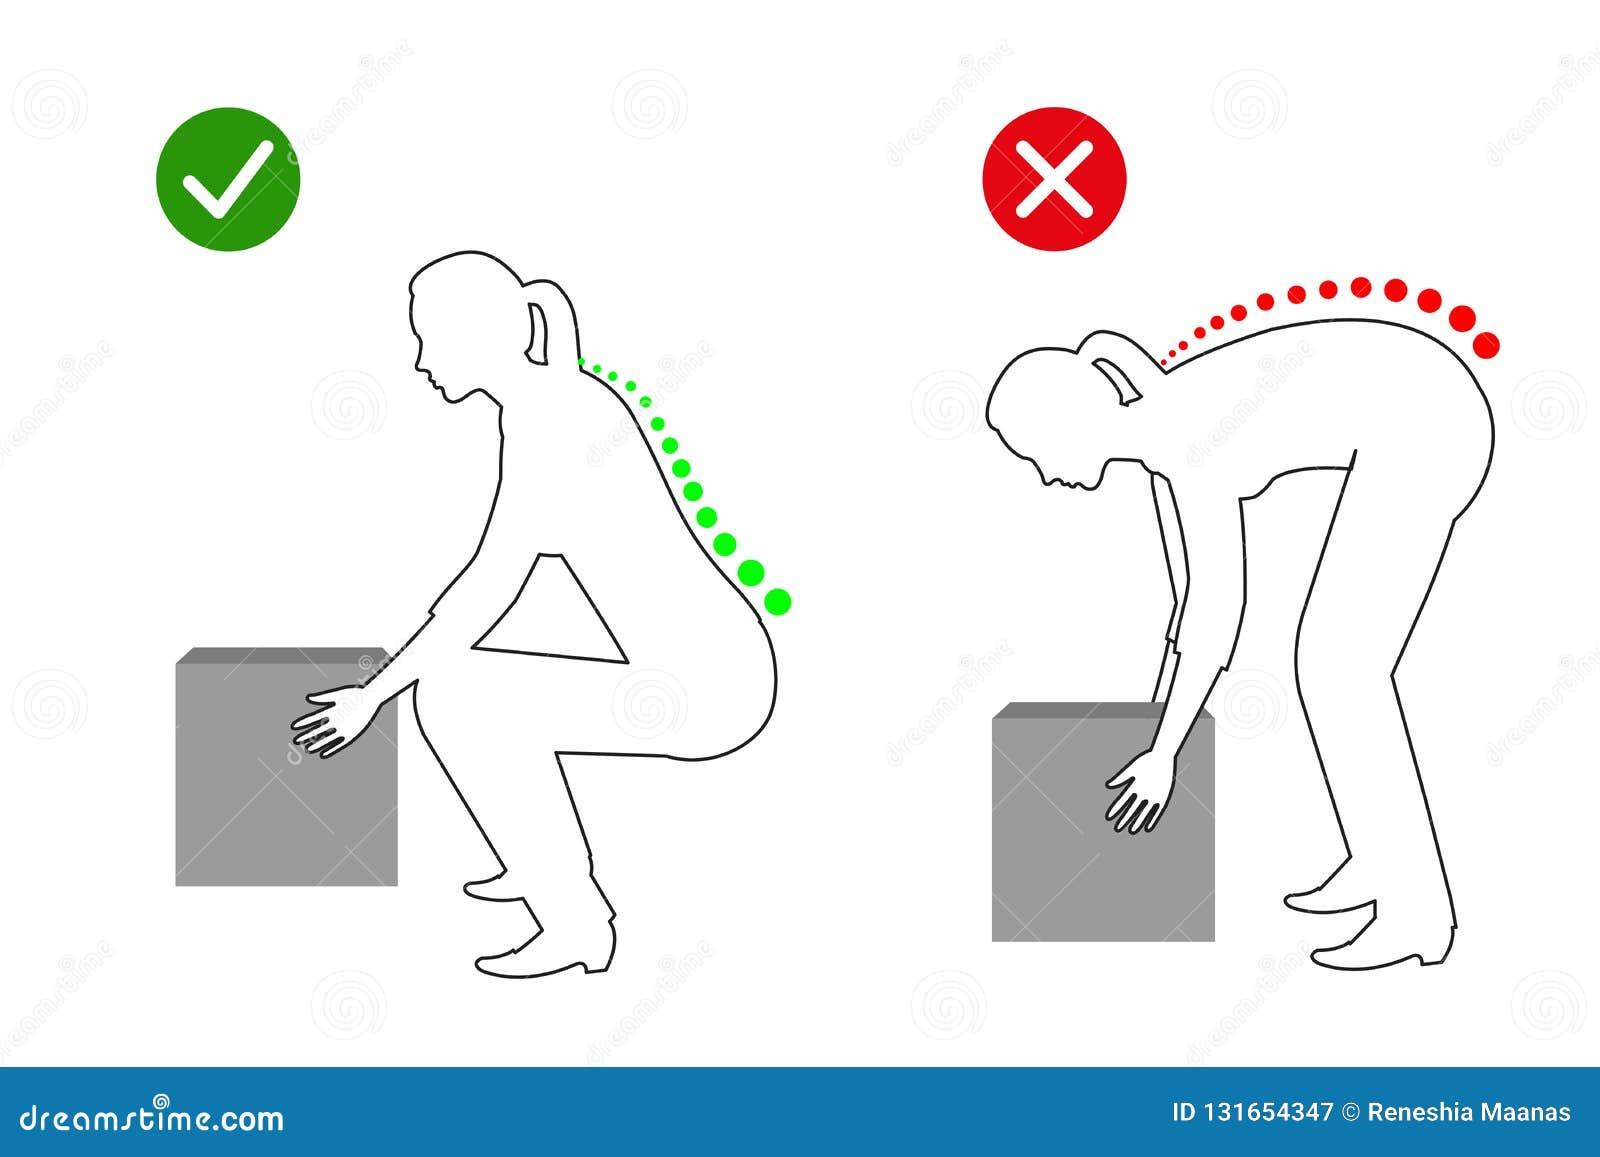 Ergonómico - postura correcta de una mujer para levantar un dibujo lineal del objeto pesado